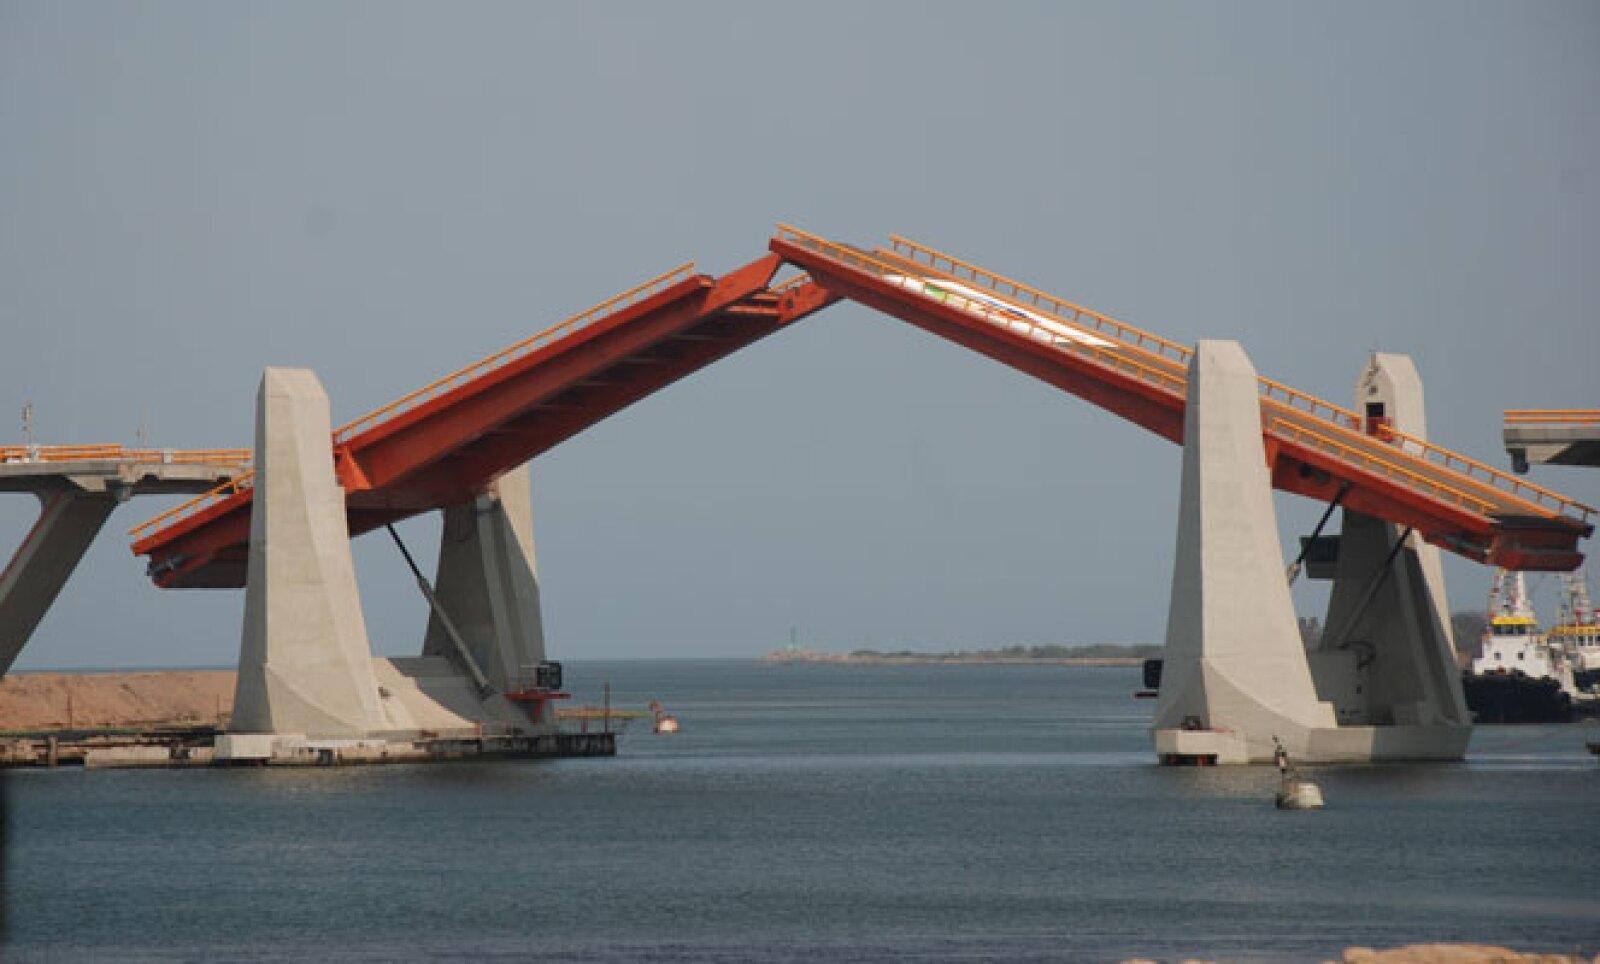 """Con sus 2,500 metros de longitud y 16 metros de anchura, las """"alas"""" del puente se abren en seis minutos para permitir el paso de barcos de la marina mercante que navega por las aguas del Río Balsas."""